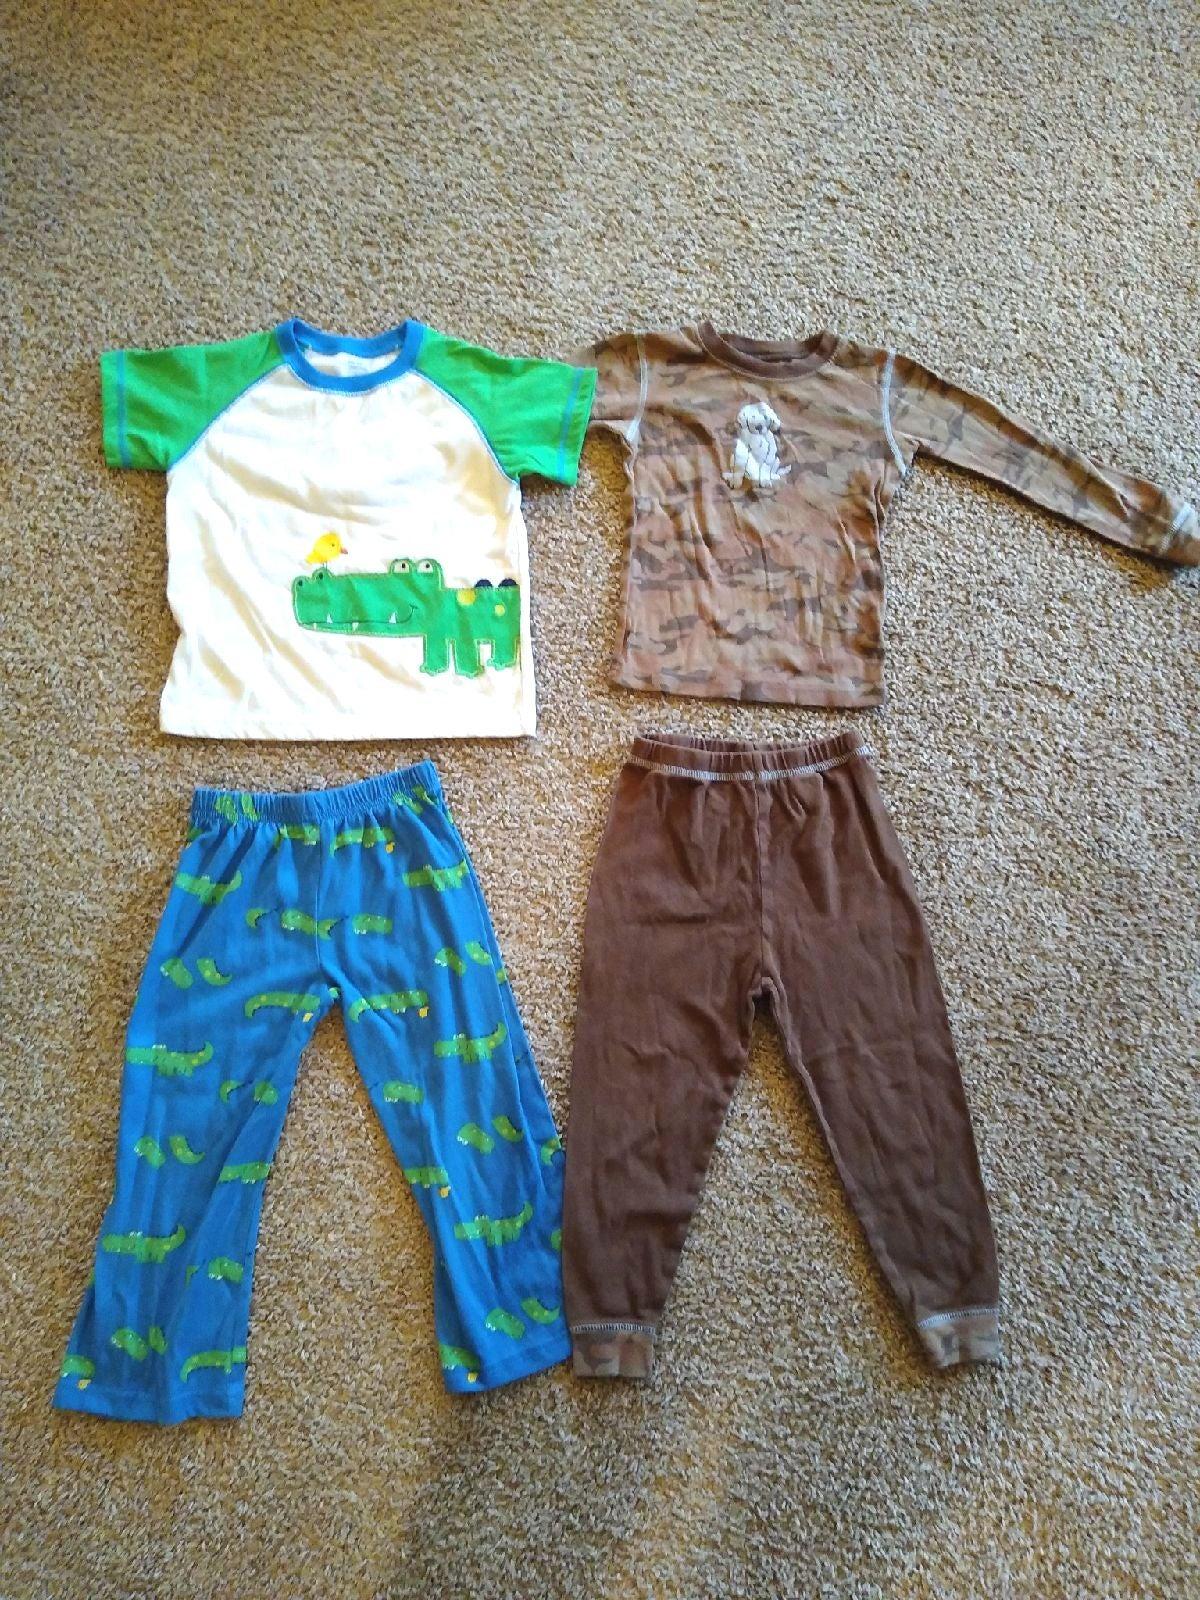 2 Pack Carter's Boys Pajamas 4T